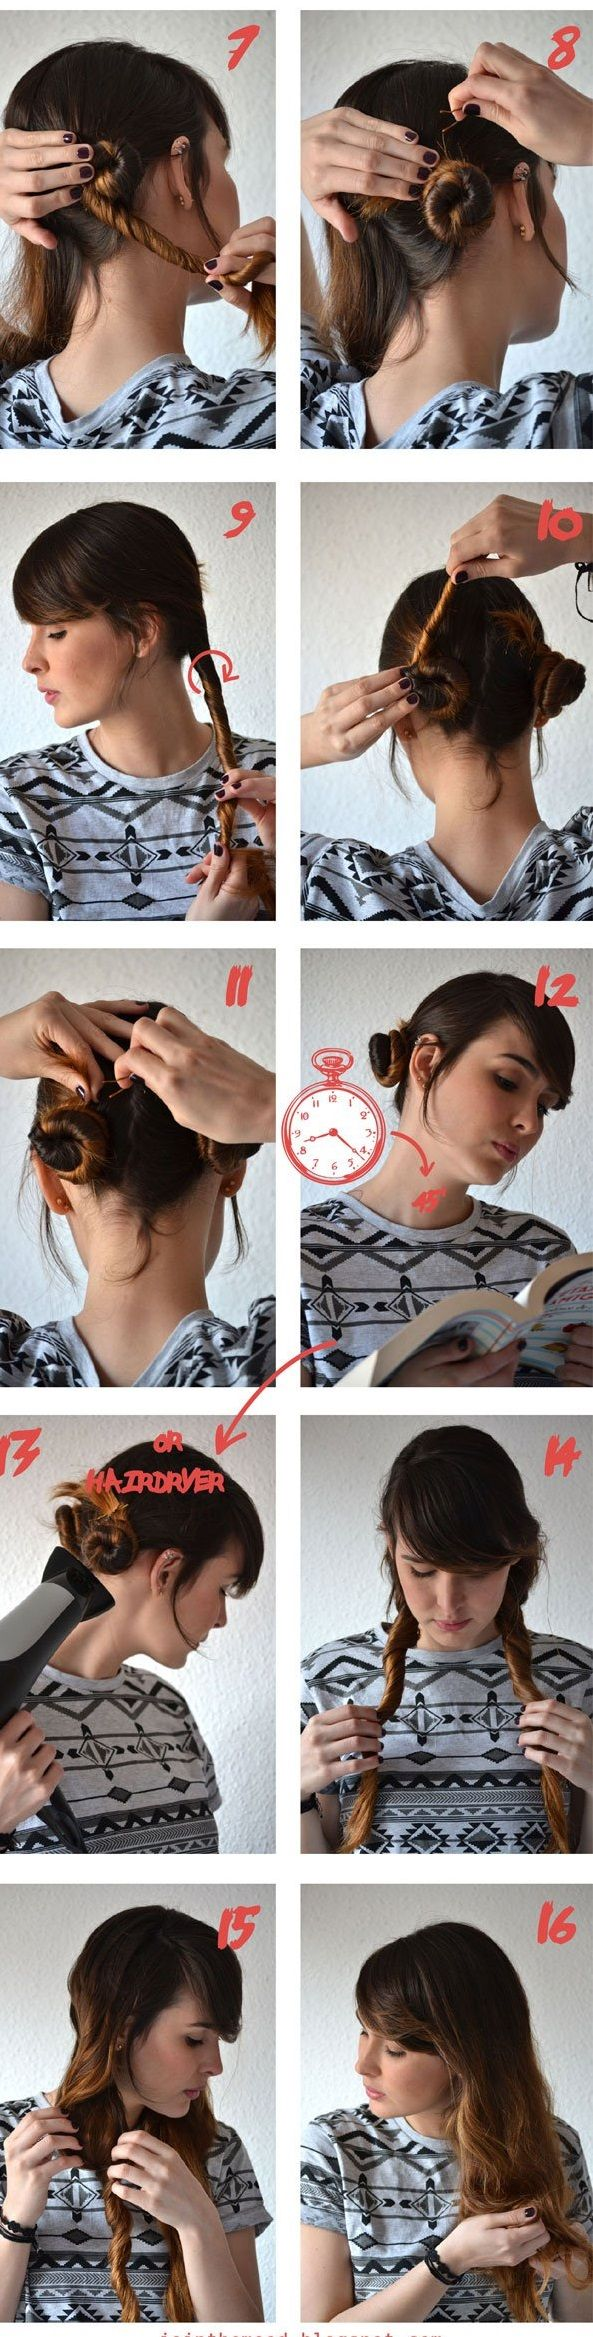 10 astuces pour boucler ses cheveux sans fer à friser